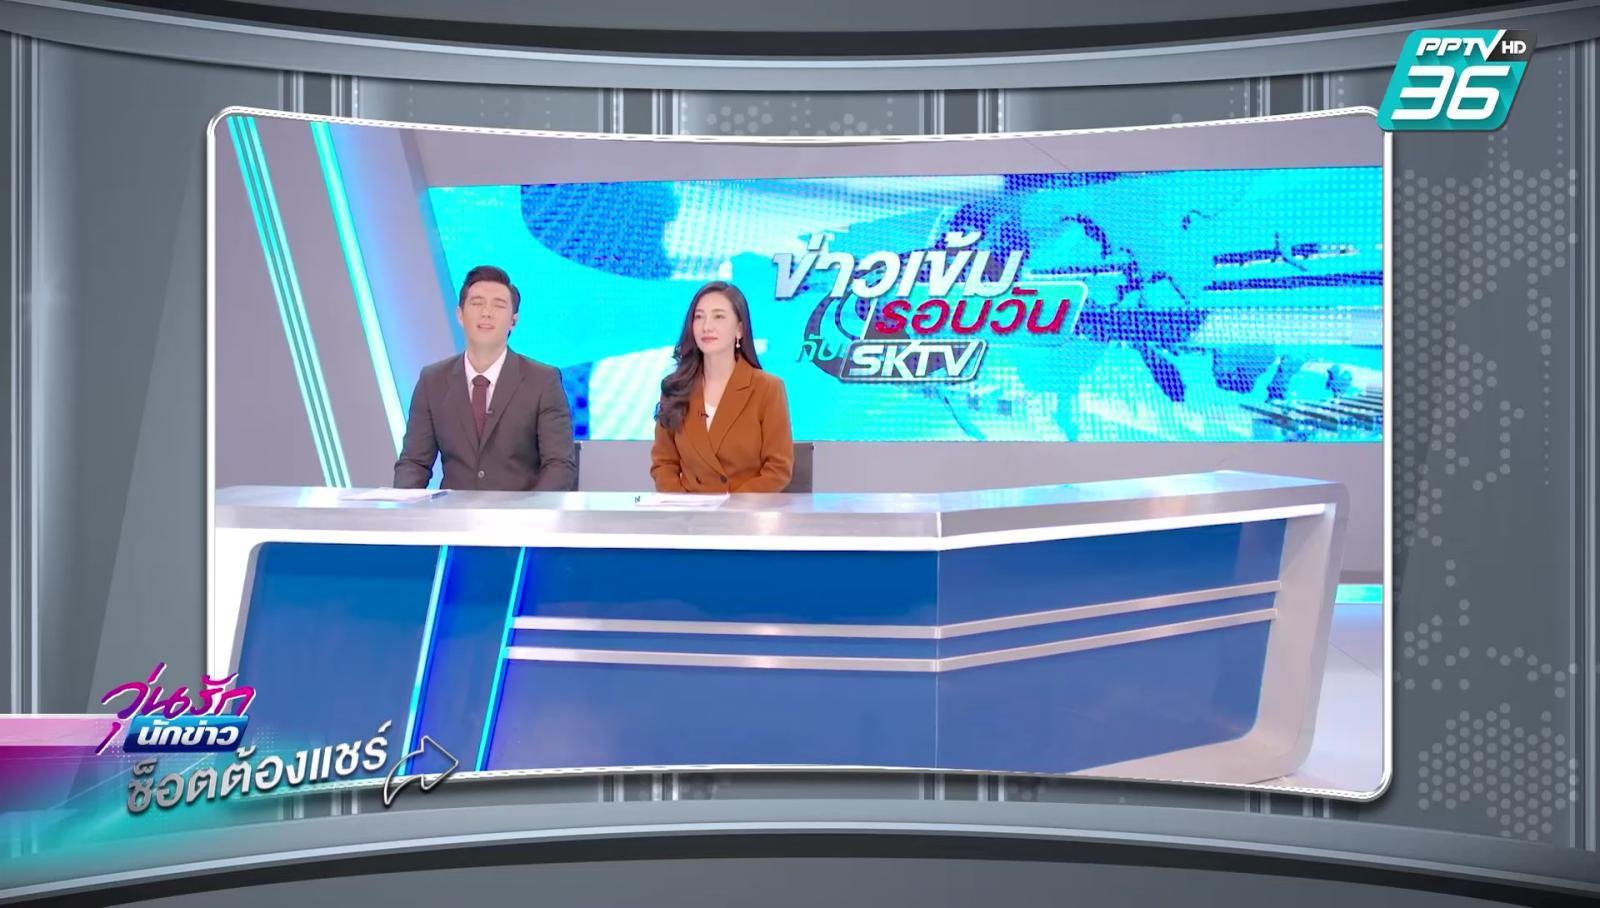 วุ่นรักนักข่าว EP.3 | ฟินสุด | ช็อตต้องแชร์ | PPTV HD 36